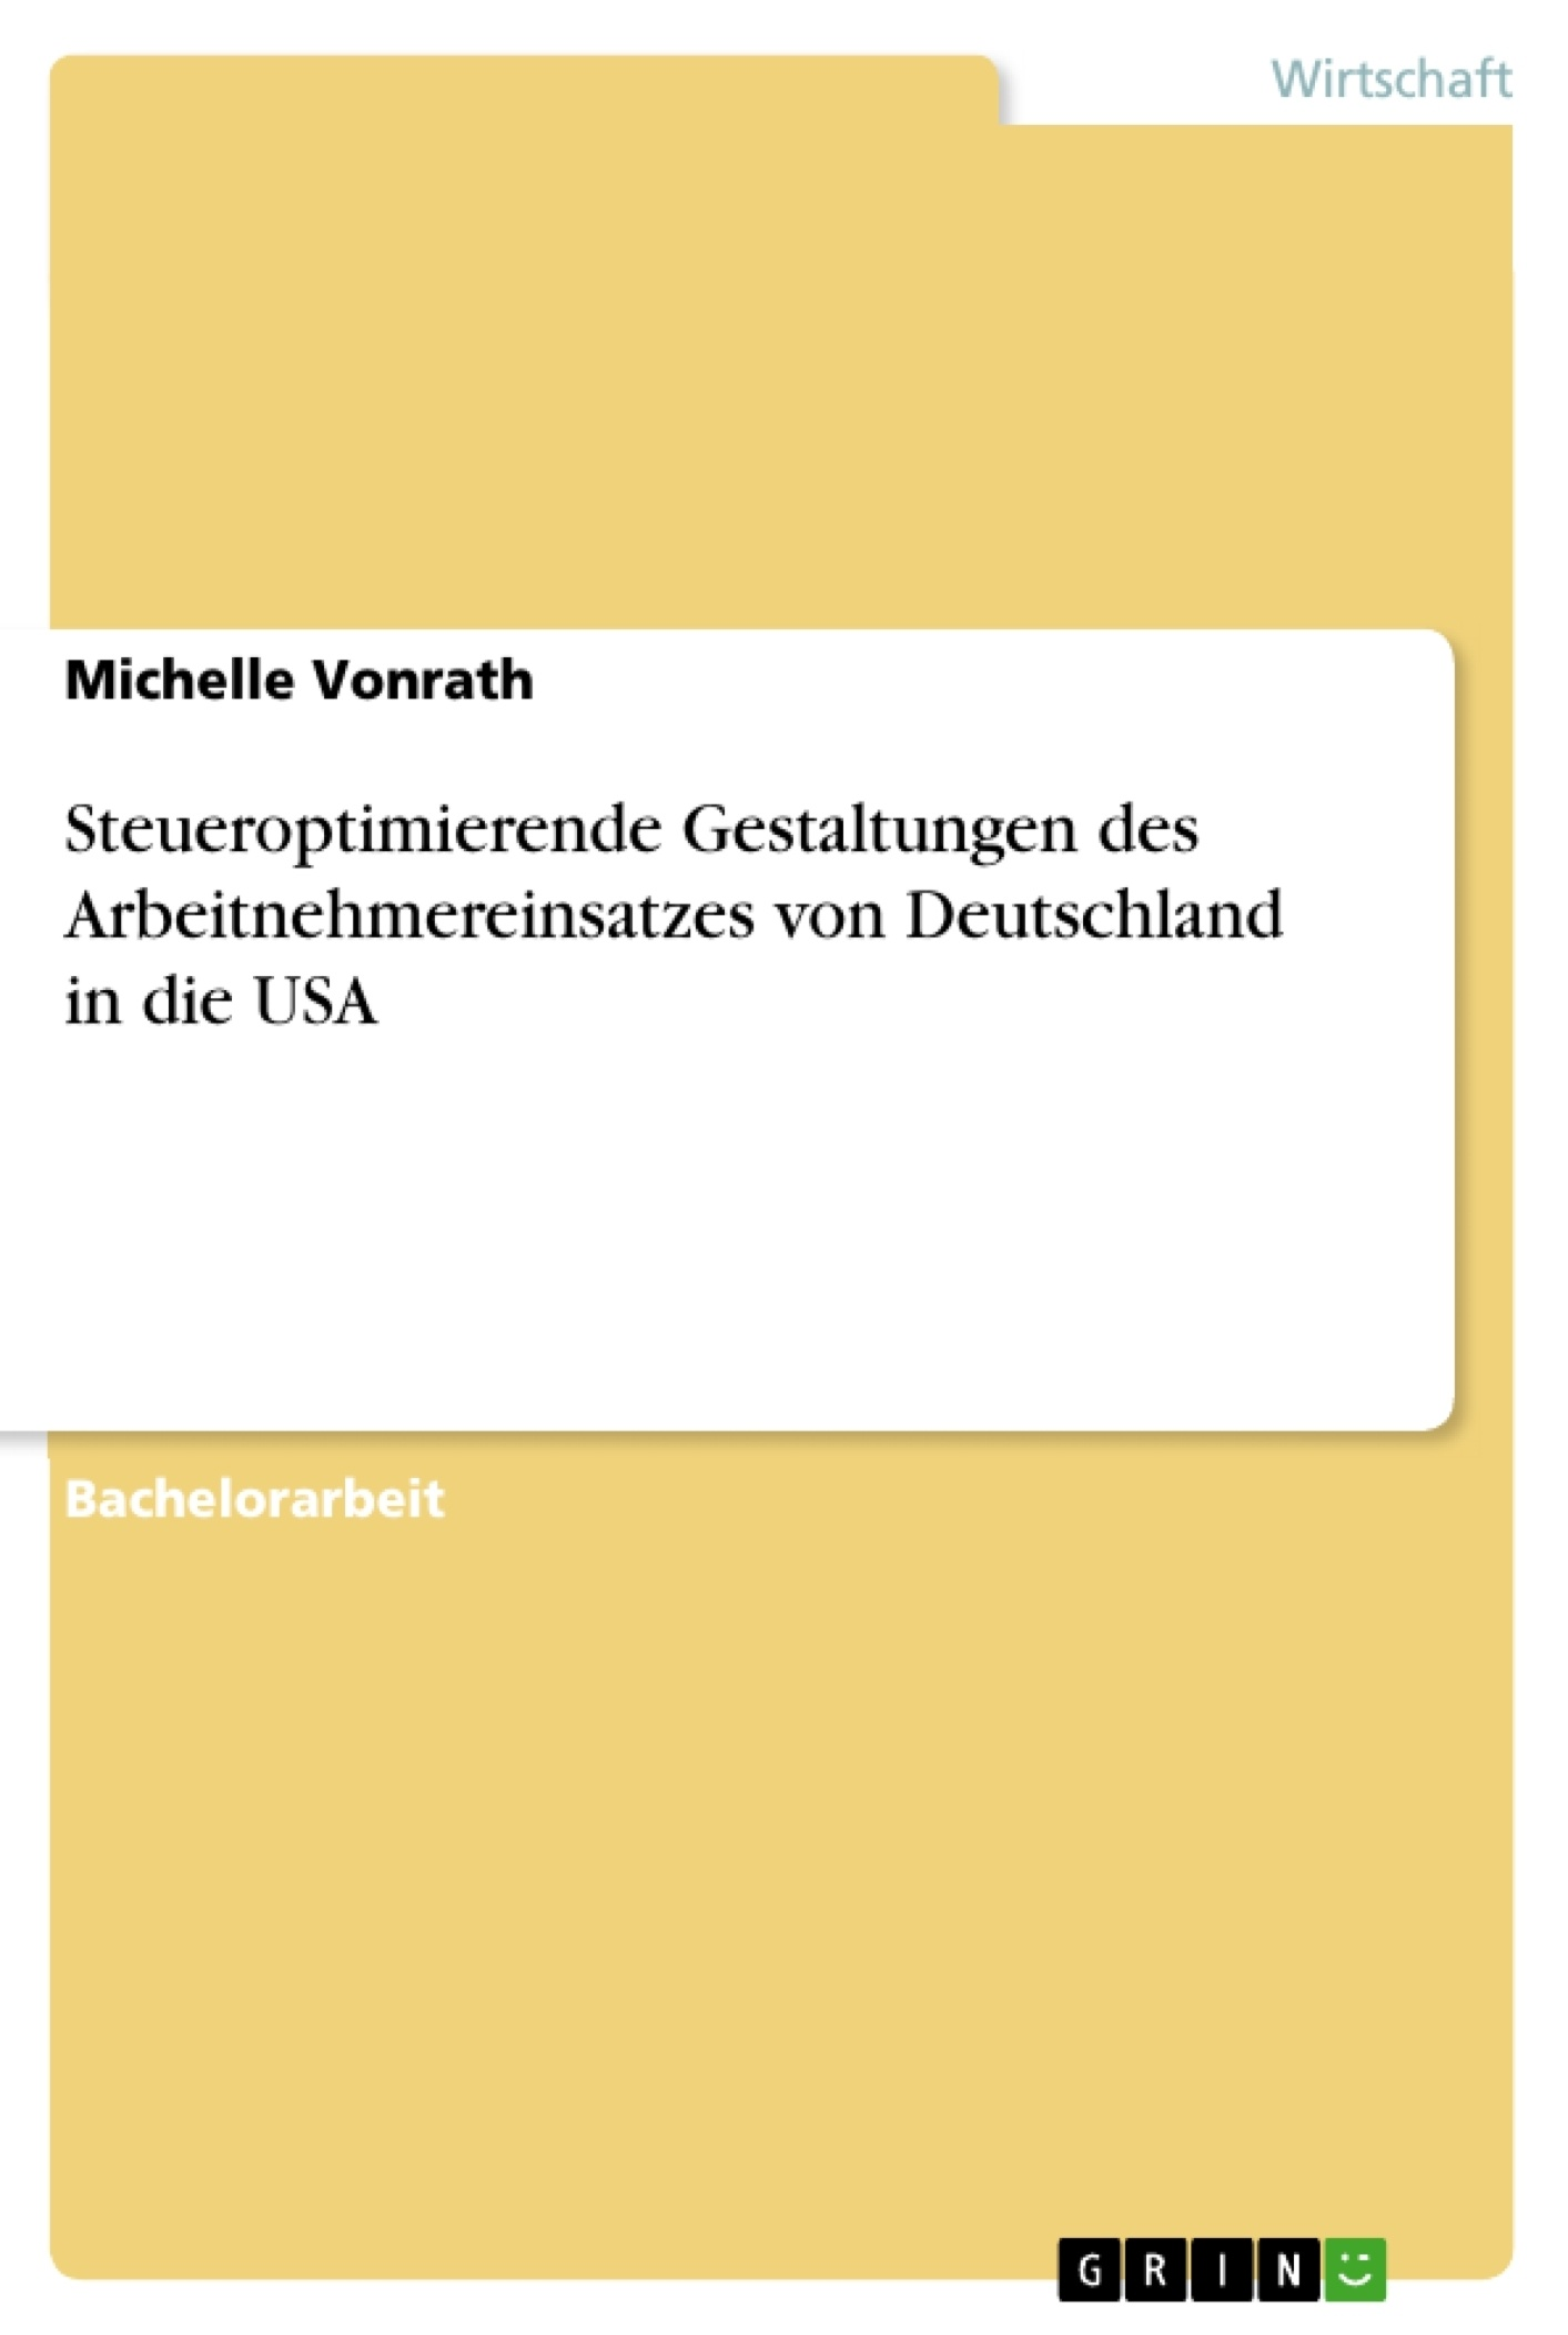 Titel: Steueroptimierende Gestaltungen des Arbeitnehmereinsatzes von Deutschland in die USA